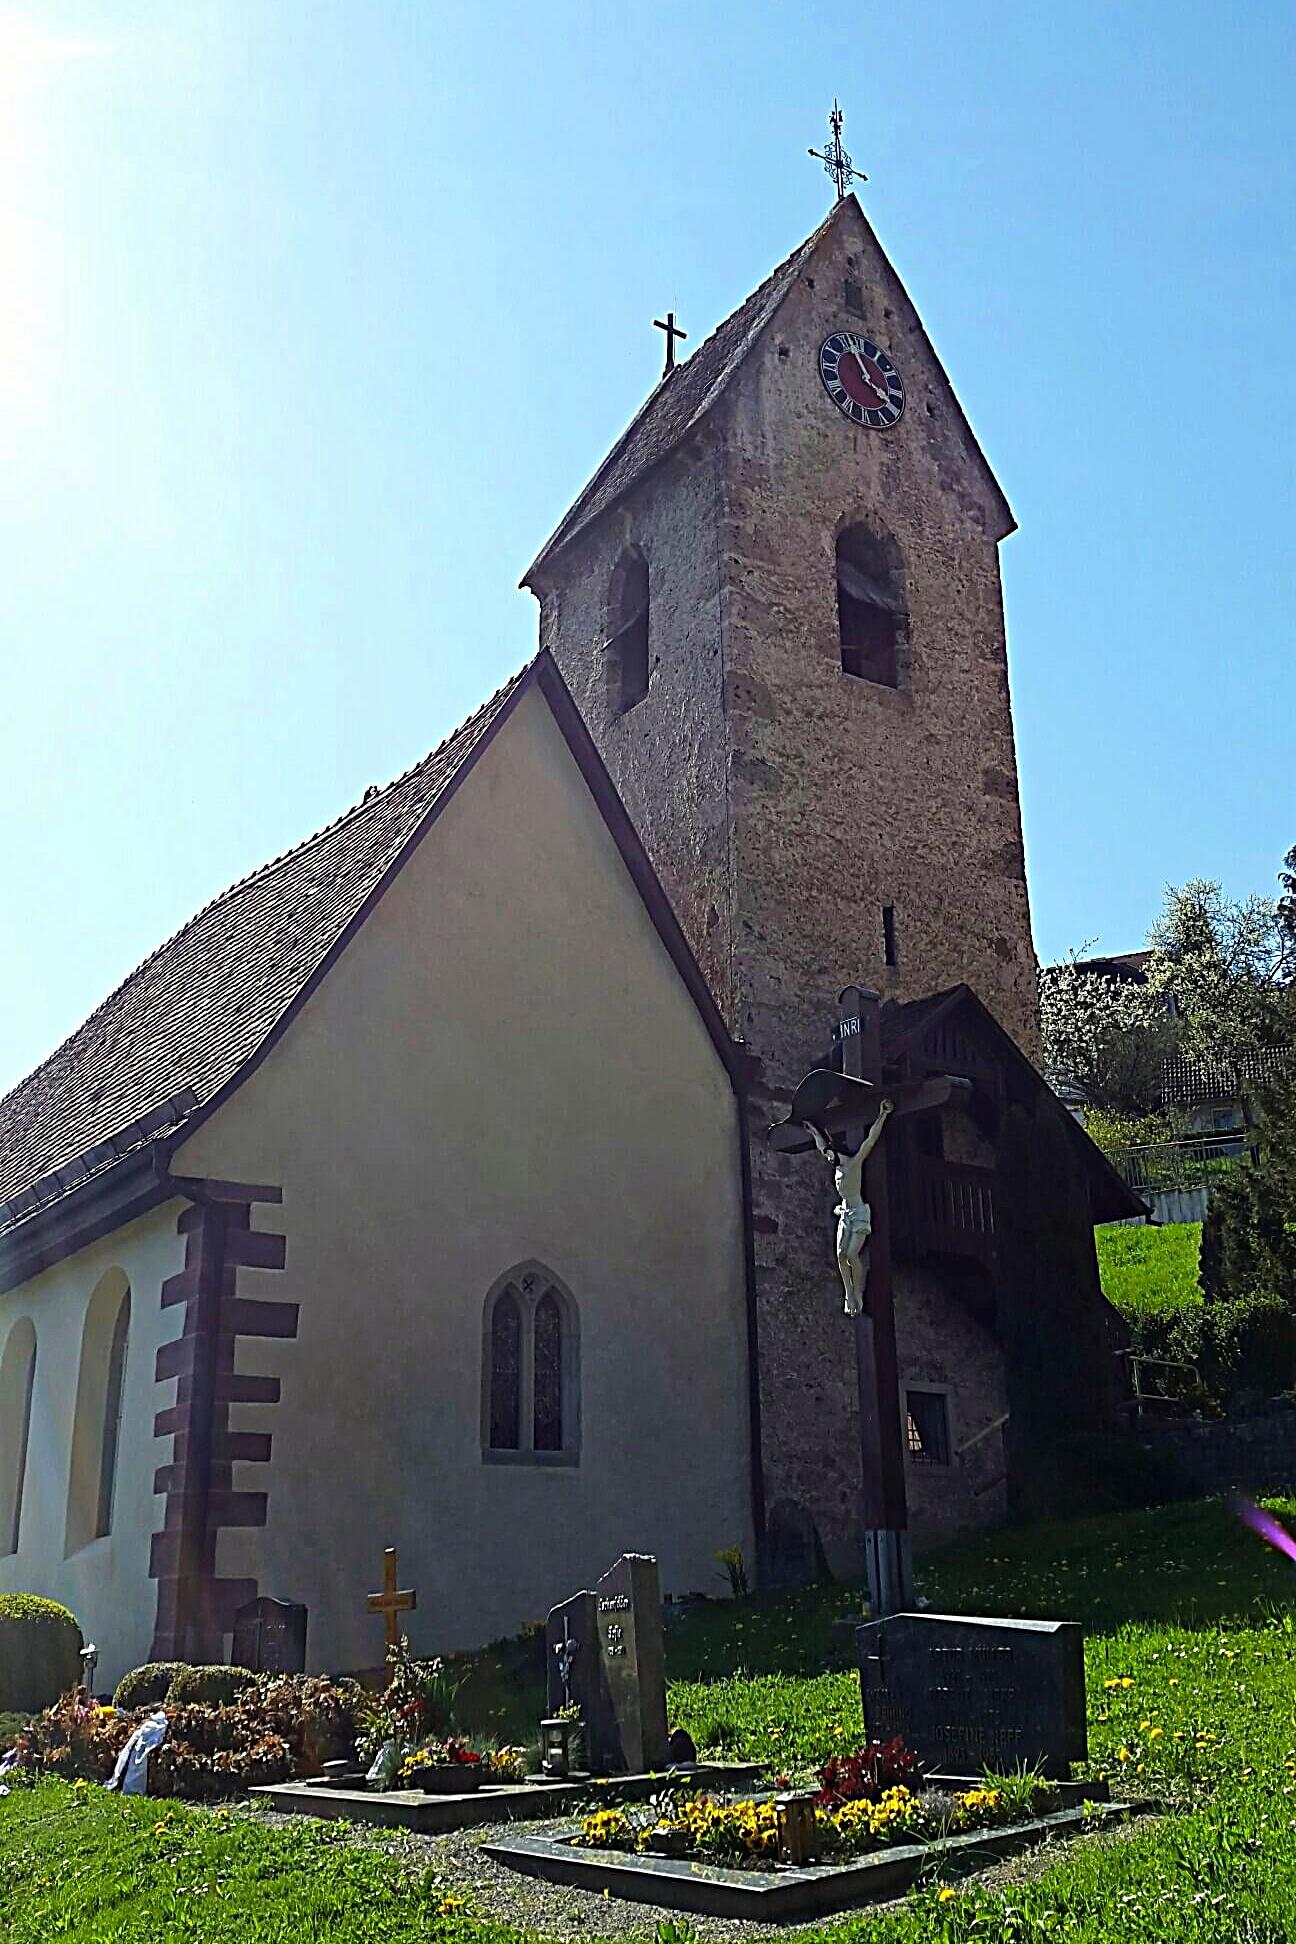 St. Jakobus, Ihlingen